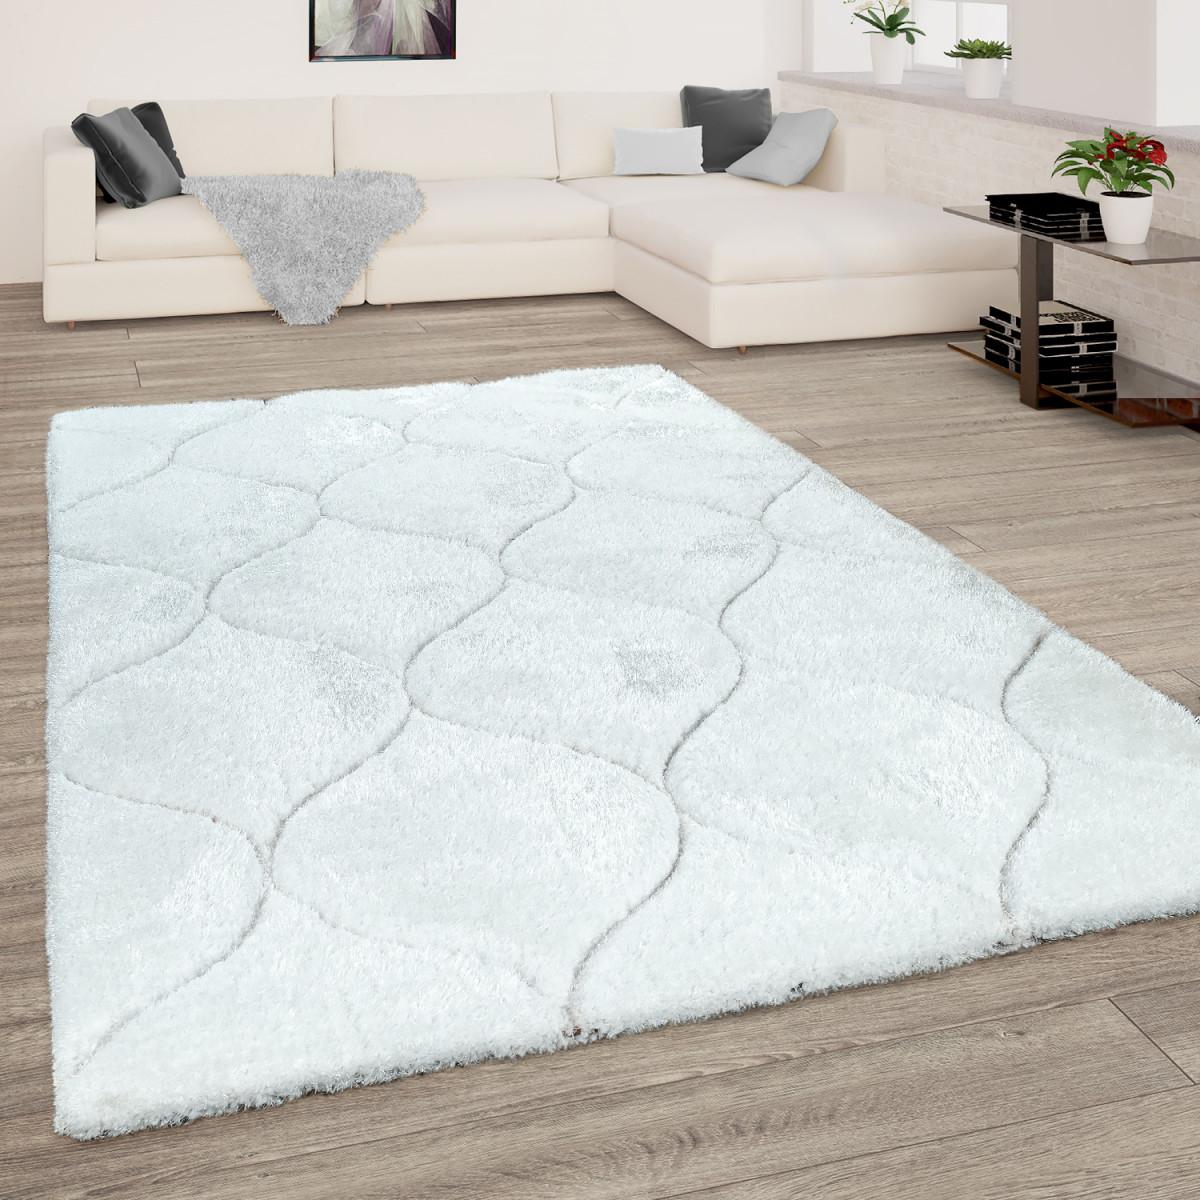 Shaggyteppich Wohnzimmer Weiß Hochflor Weich Kuschelig 3D Design Wellen  Muster von Teppich Wohnzimmer Weiß Bild